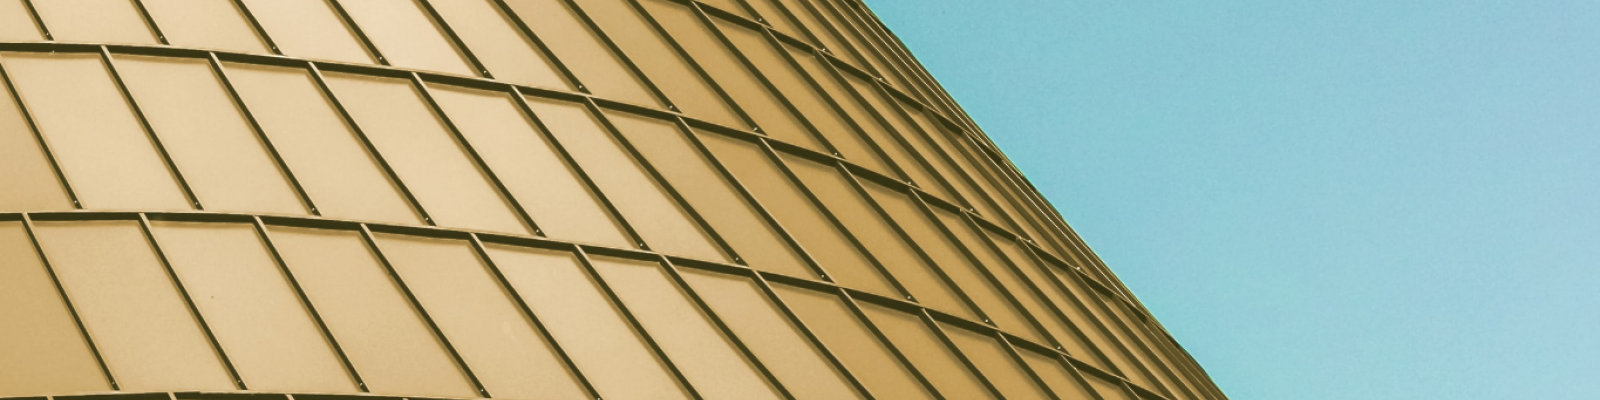 gebouw met gouden dak